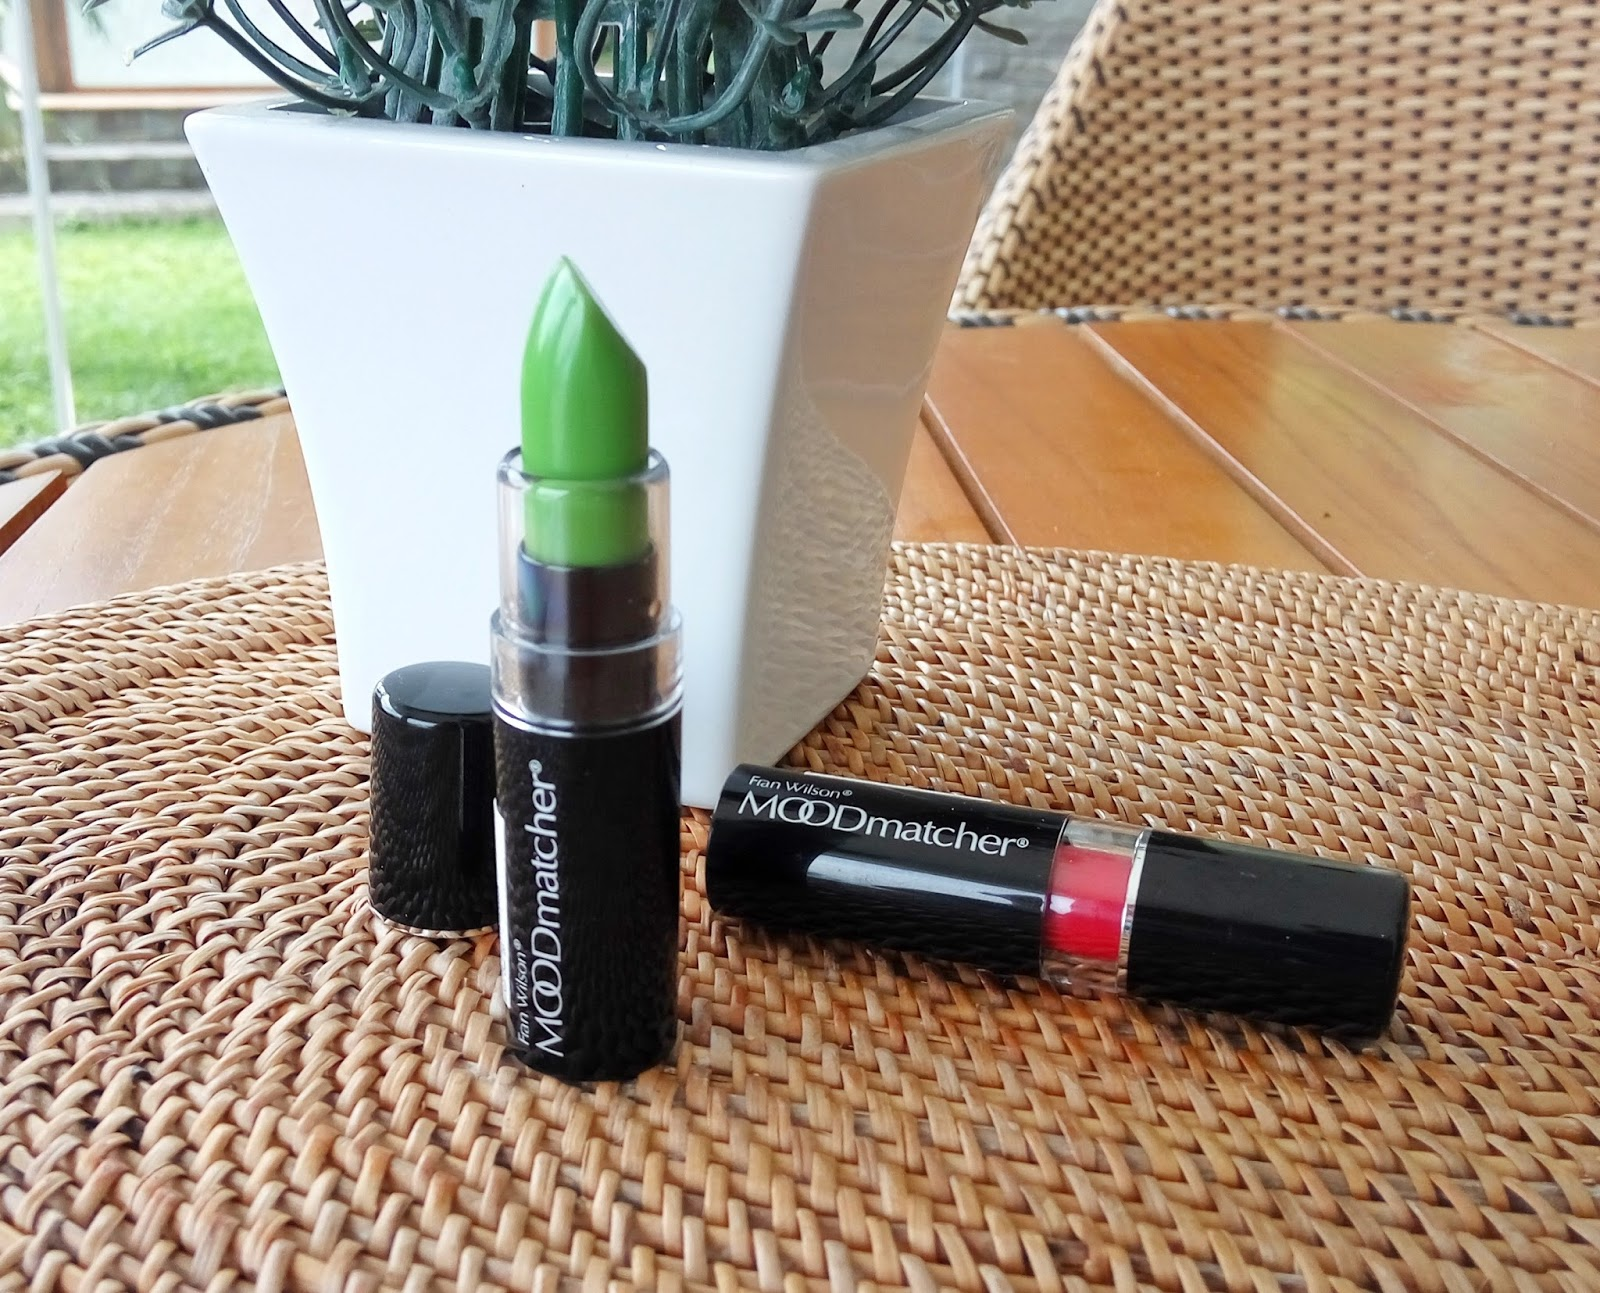 Review Lipstick Fenomenal Fan Wilson Moodmatcher Hijau Dan Merah Orange